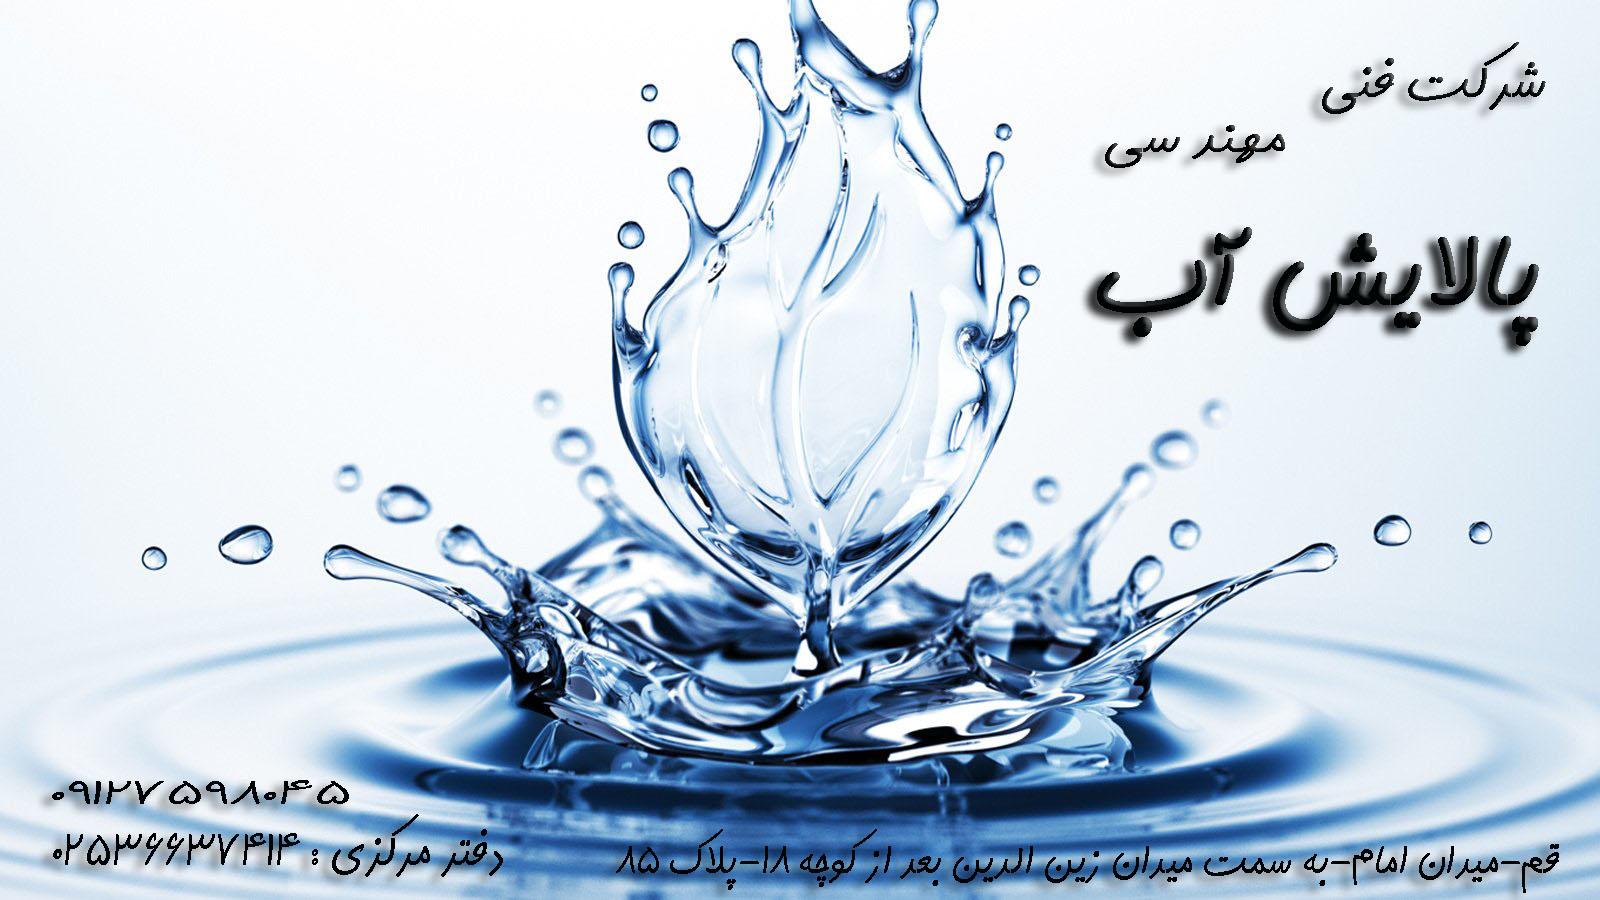 گنجینهای به نام آب شیرین